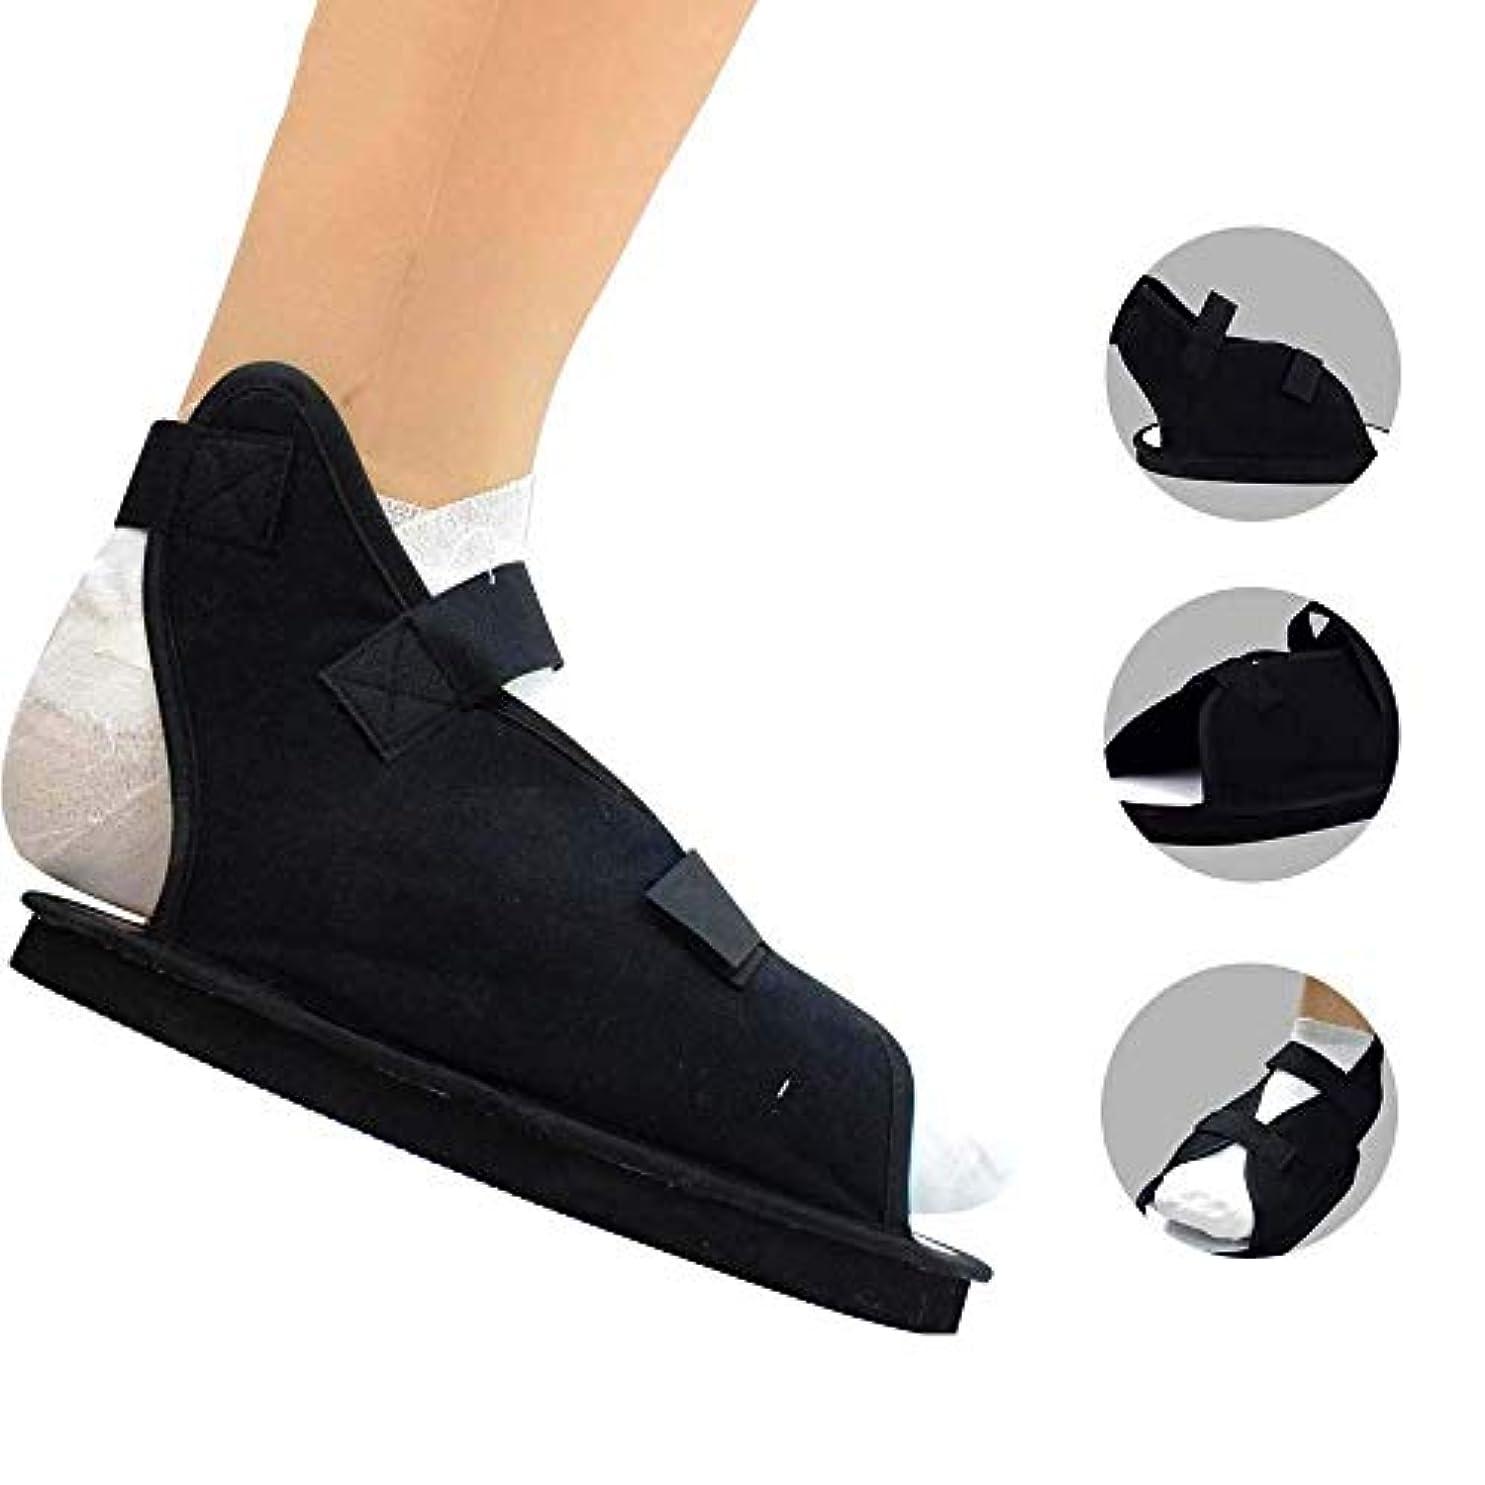 縫う慎重全滅させる術後靴、傷害後の外科用フットキャスト医療用ウォーキングブーツ (Size : S)